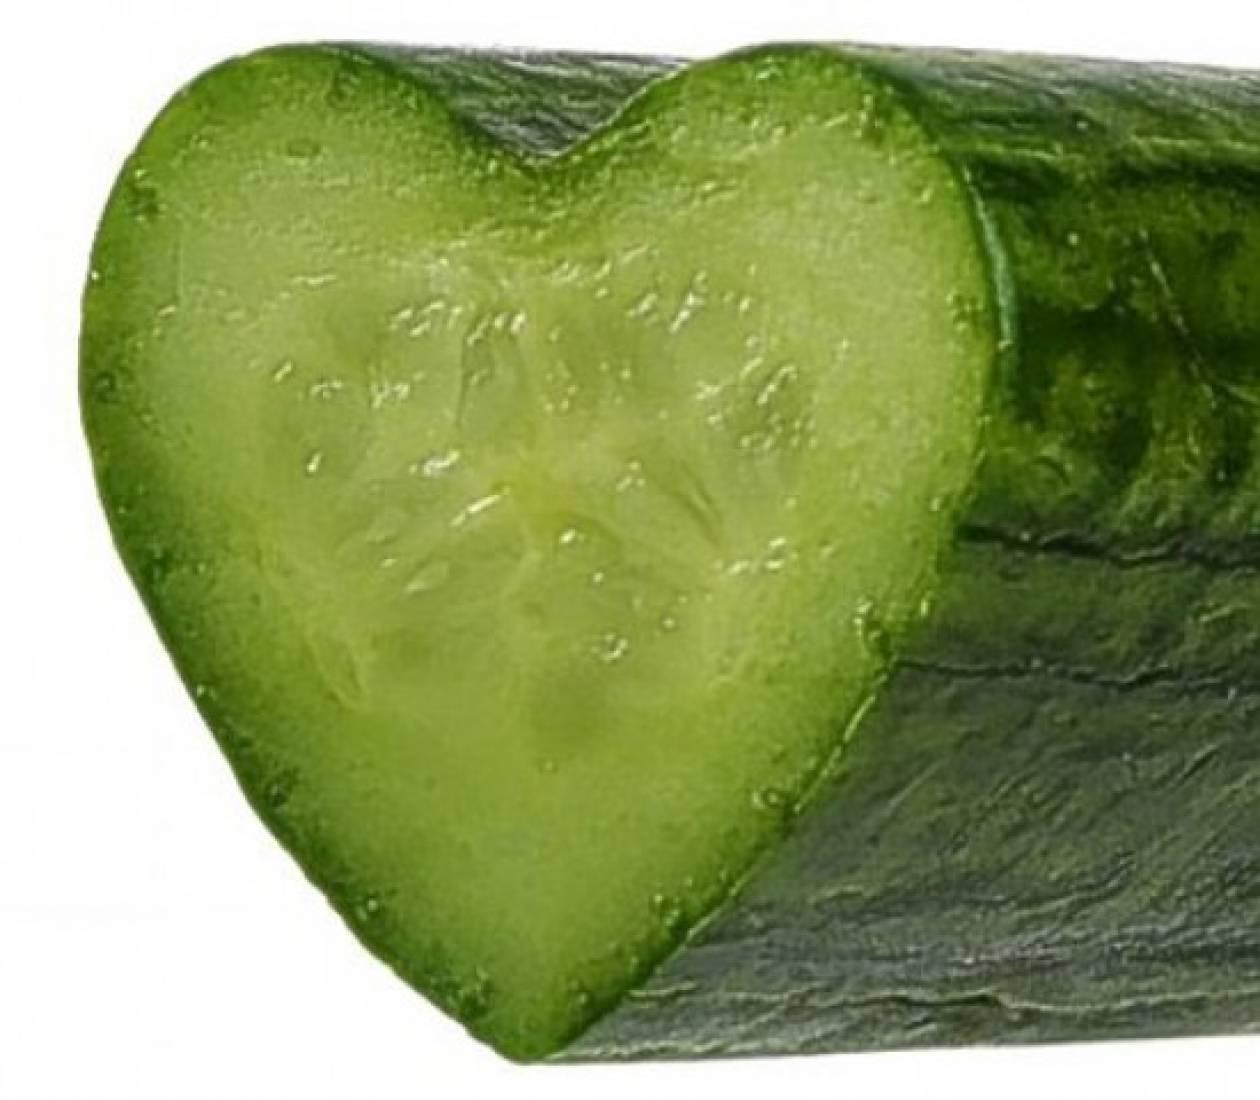 Ερωτευθείτε με την καρδιά ενός… αγγουριού